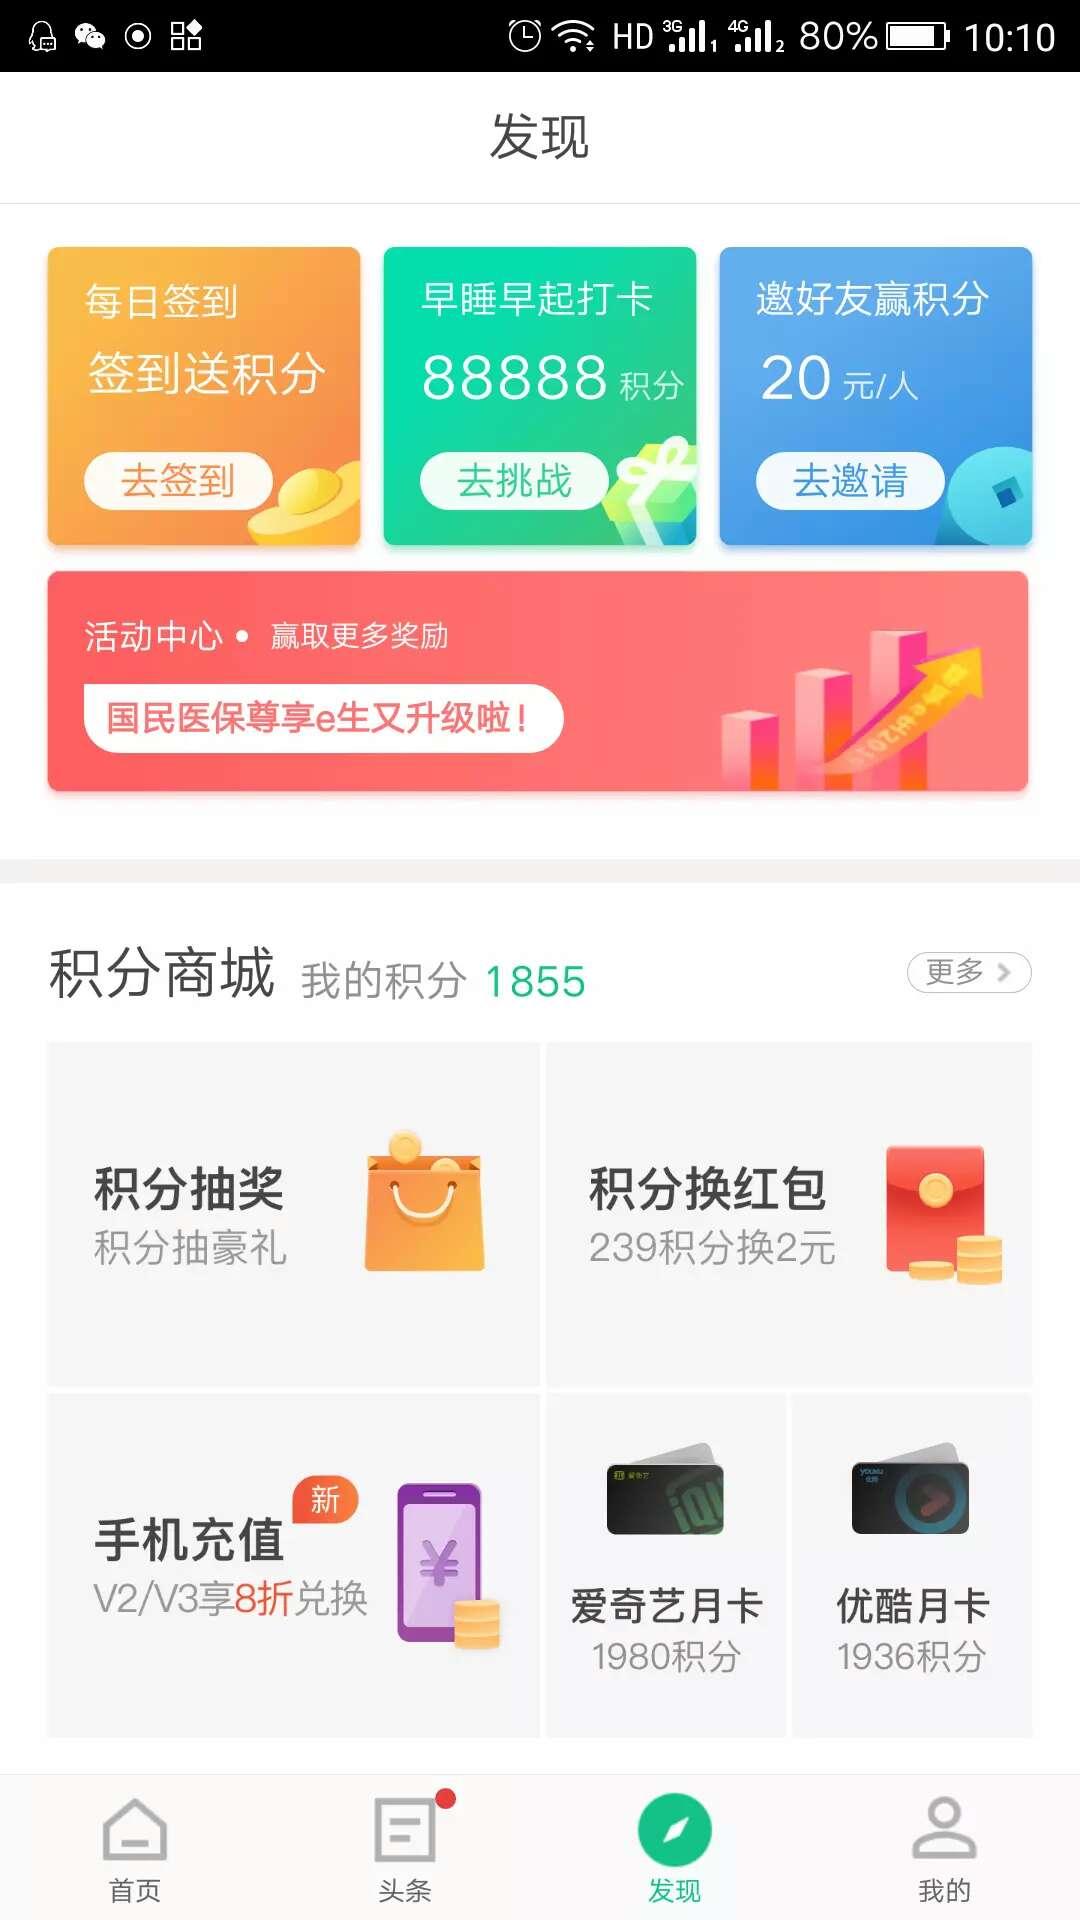 【现金红包】众安保险积分兑换红包/话费等-www.im86.com